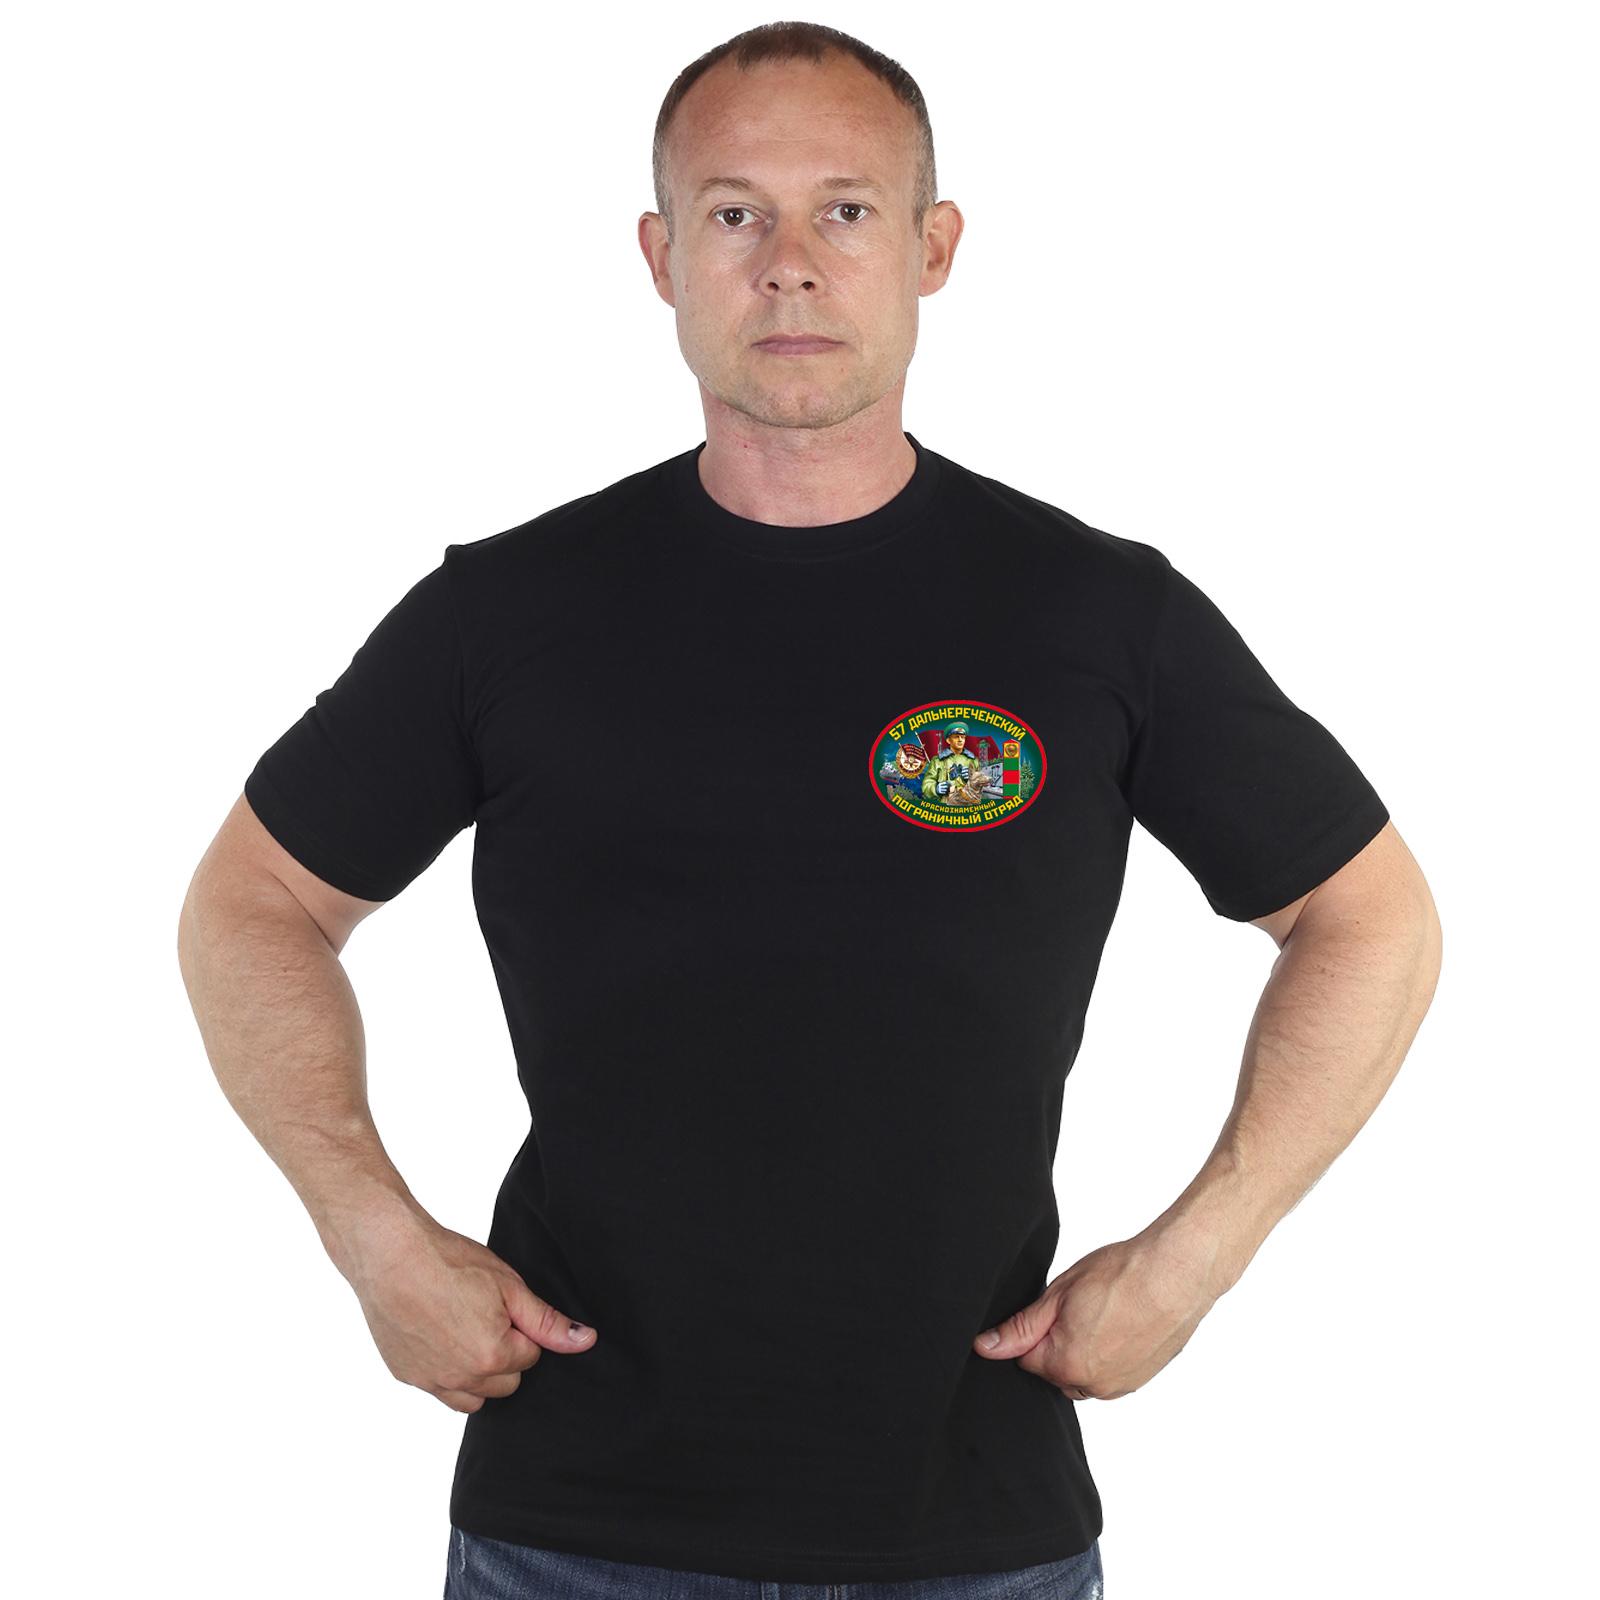 Купить мужскую футболку 57 Дальнереченский пограничный отряд